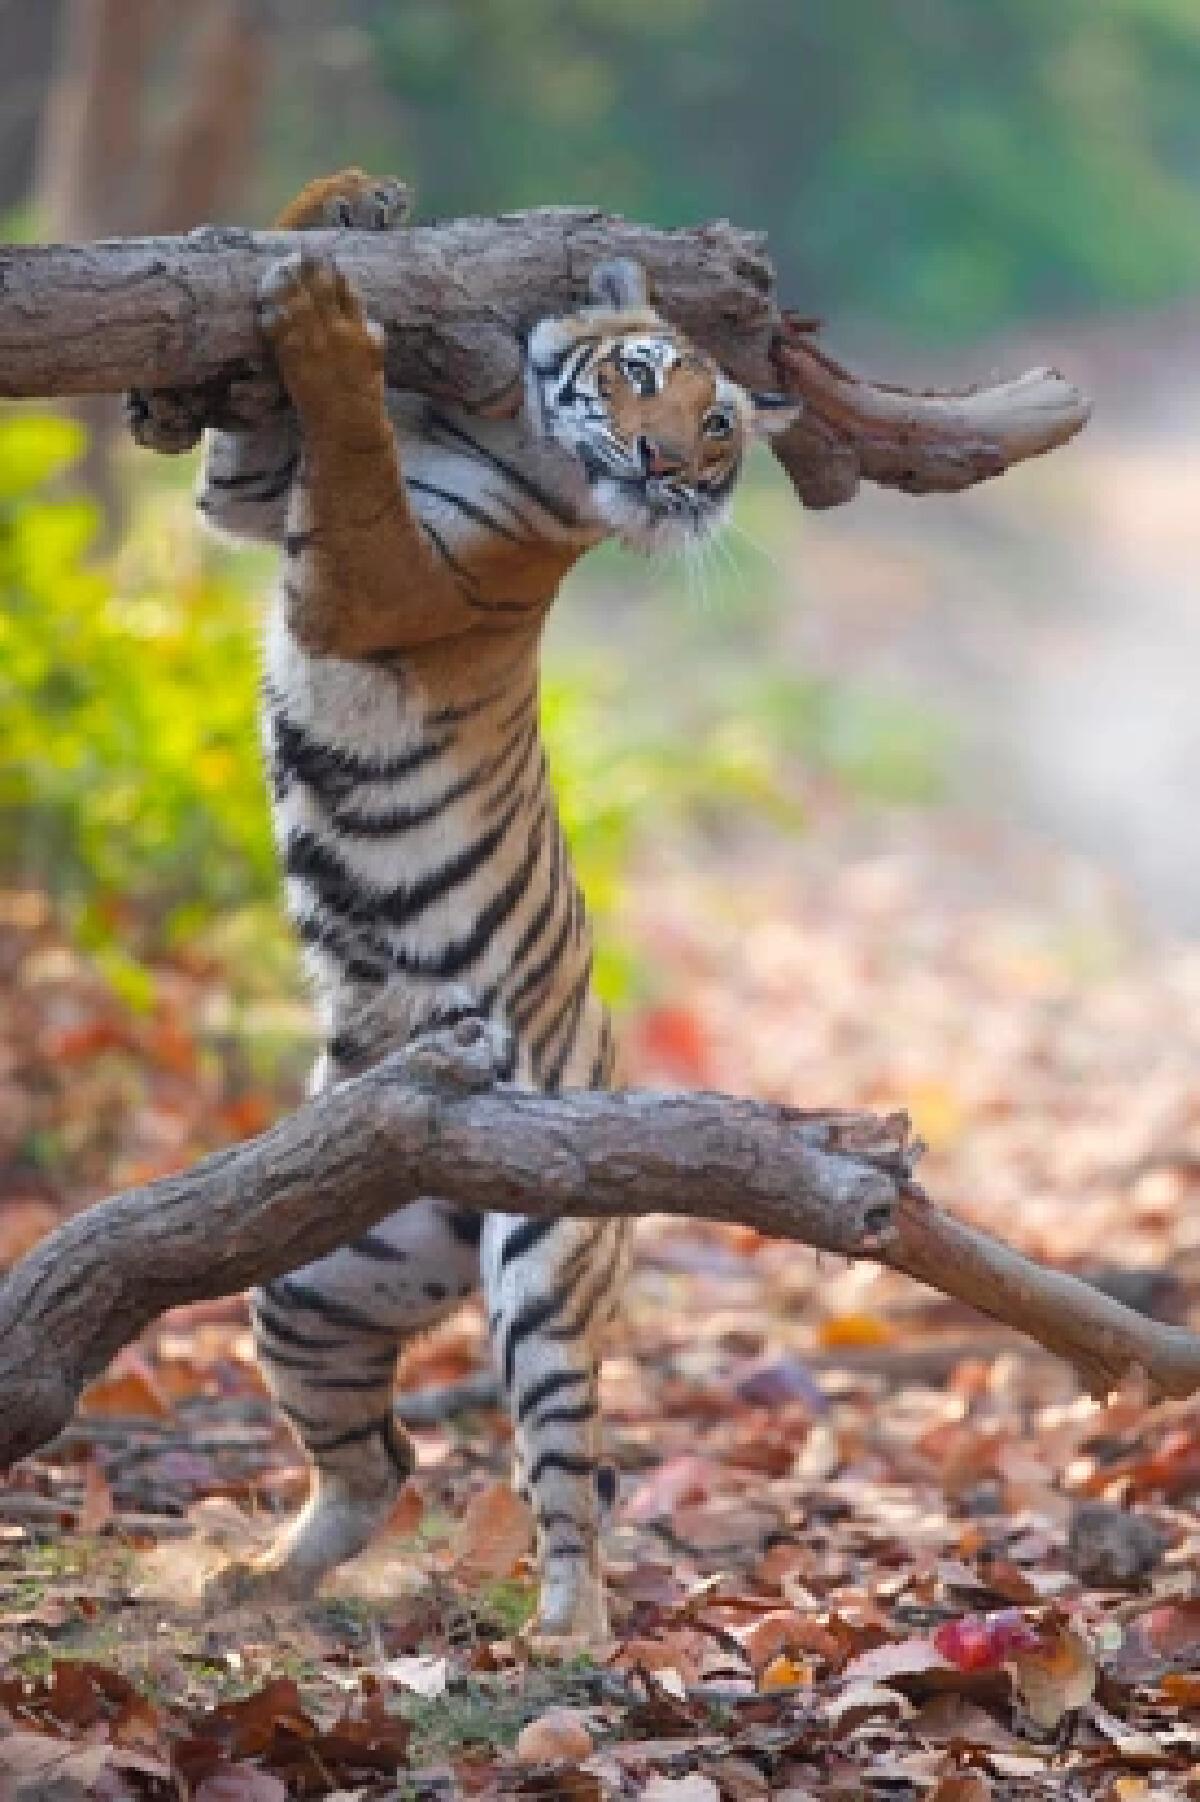 ต้นไม้ล้มขวางทาง ต้องจัดการซะหน่อย โดย Siddhant Agrawal (India)